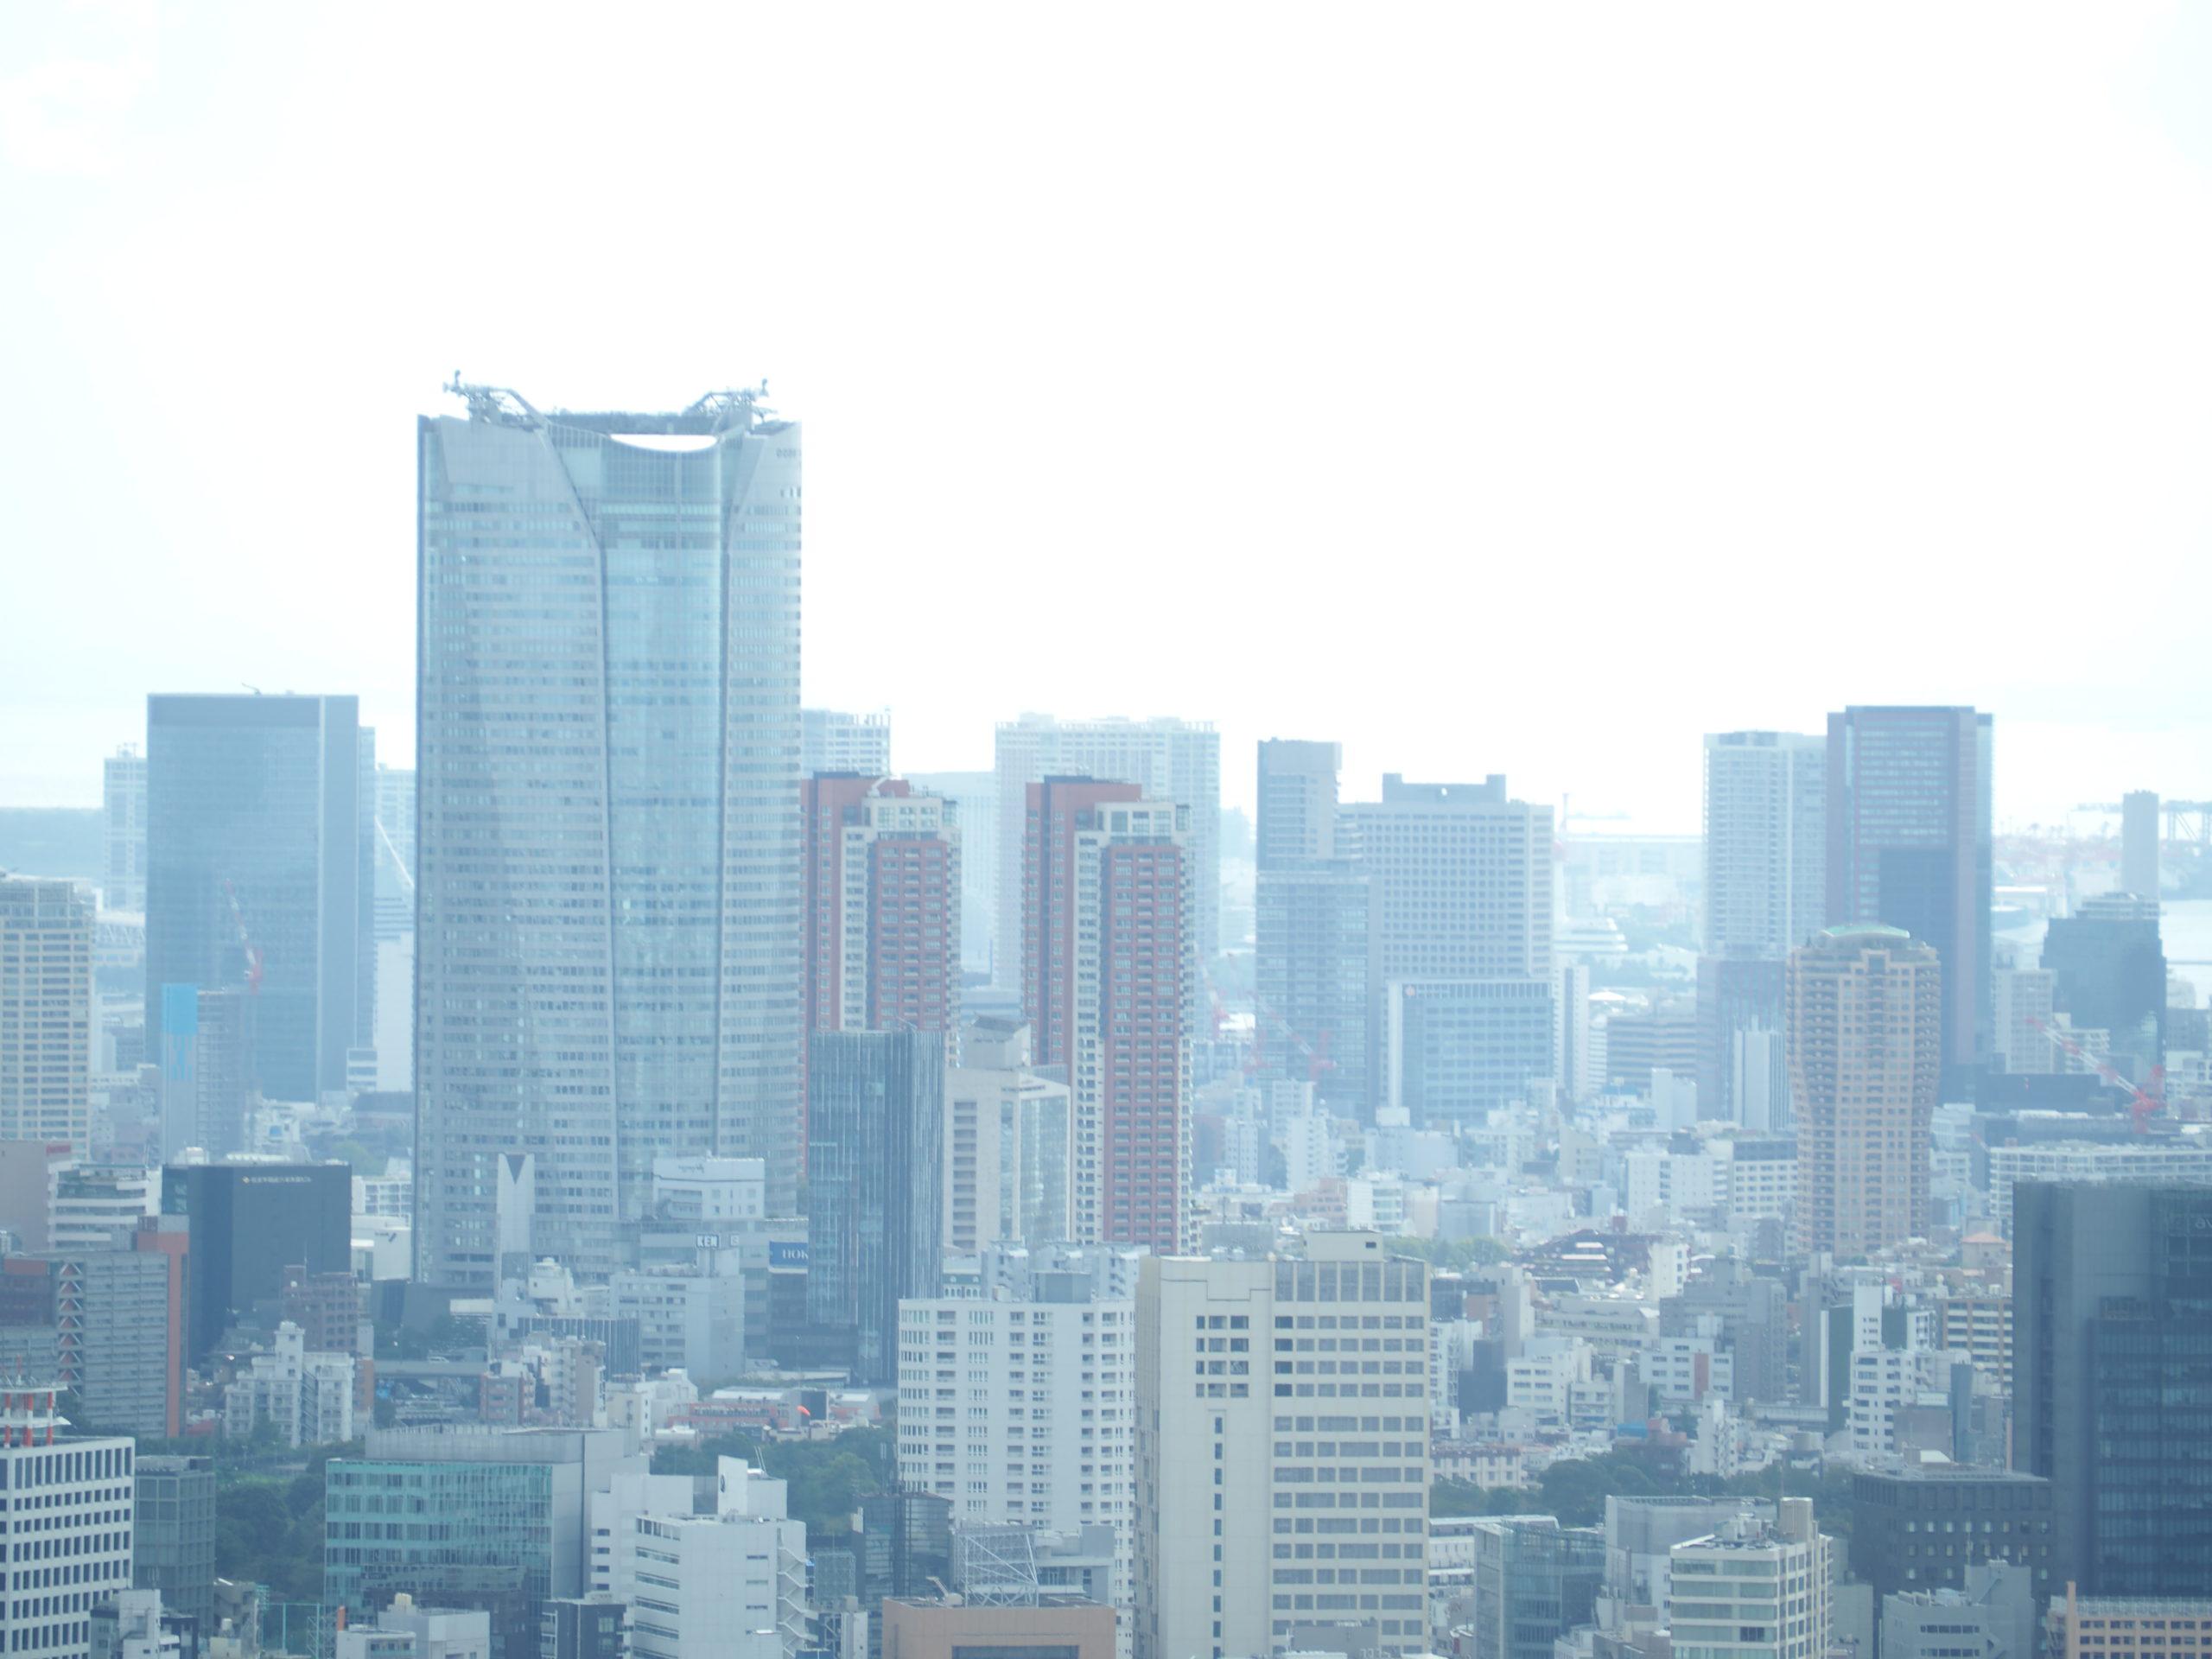 コロナの悪影響「1年前後続く」が最多   -日本不動産研究所、不動産投資家137社に調査